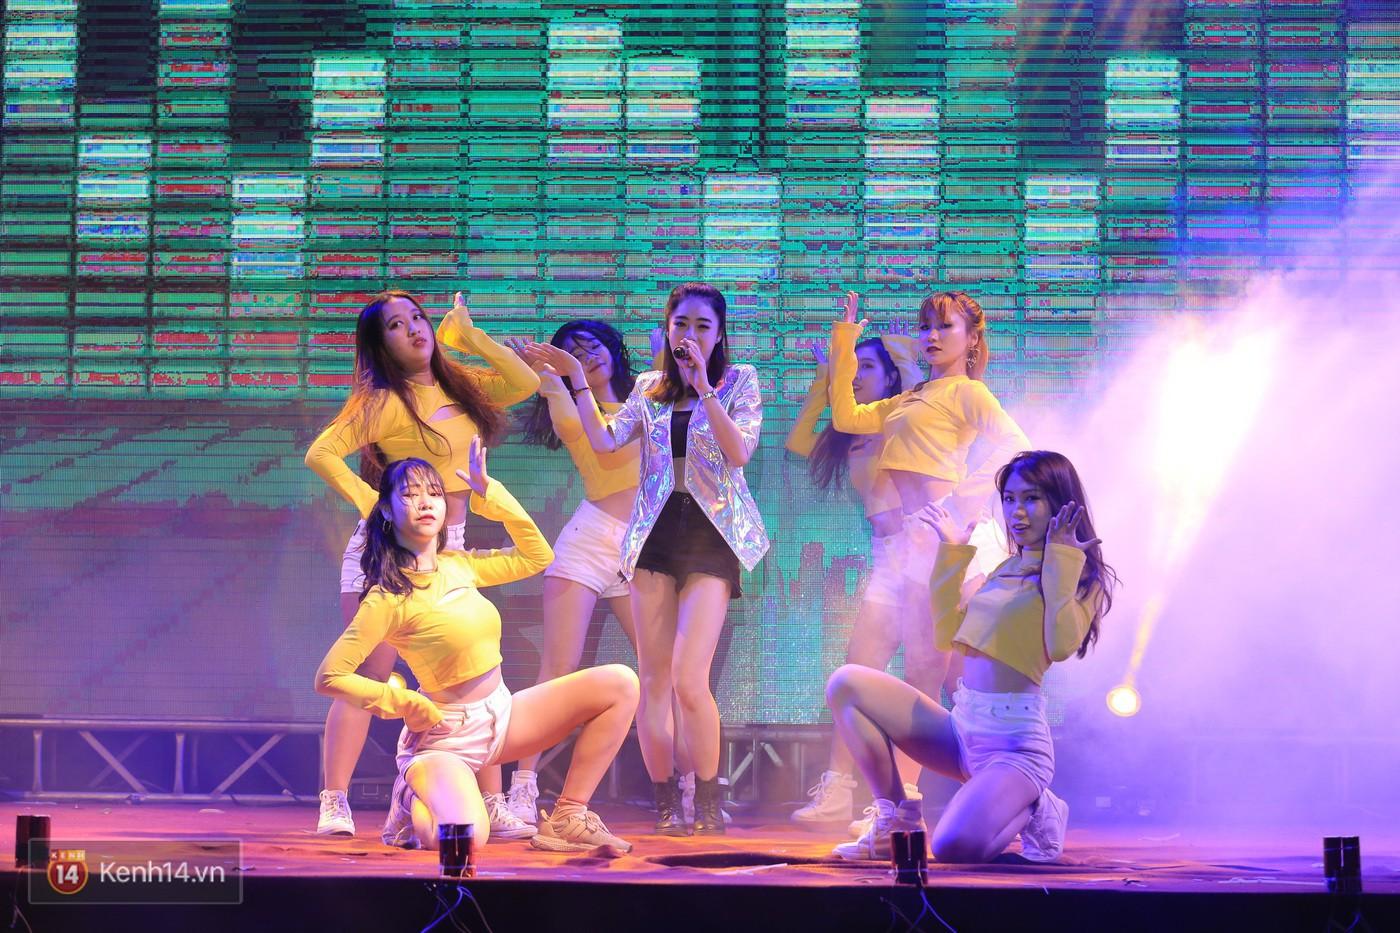 Trai xinh gái đẹp trường Lê Quý Đôn (Hà Nội) quẩy tưng bừng trong prom chào mừng 20/11 - Ảnh 13.